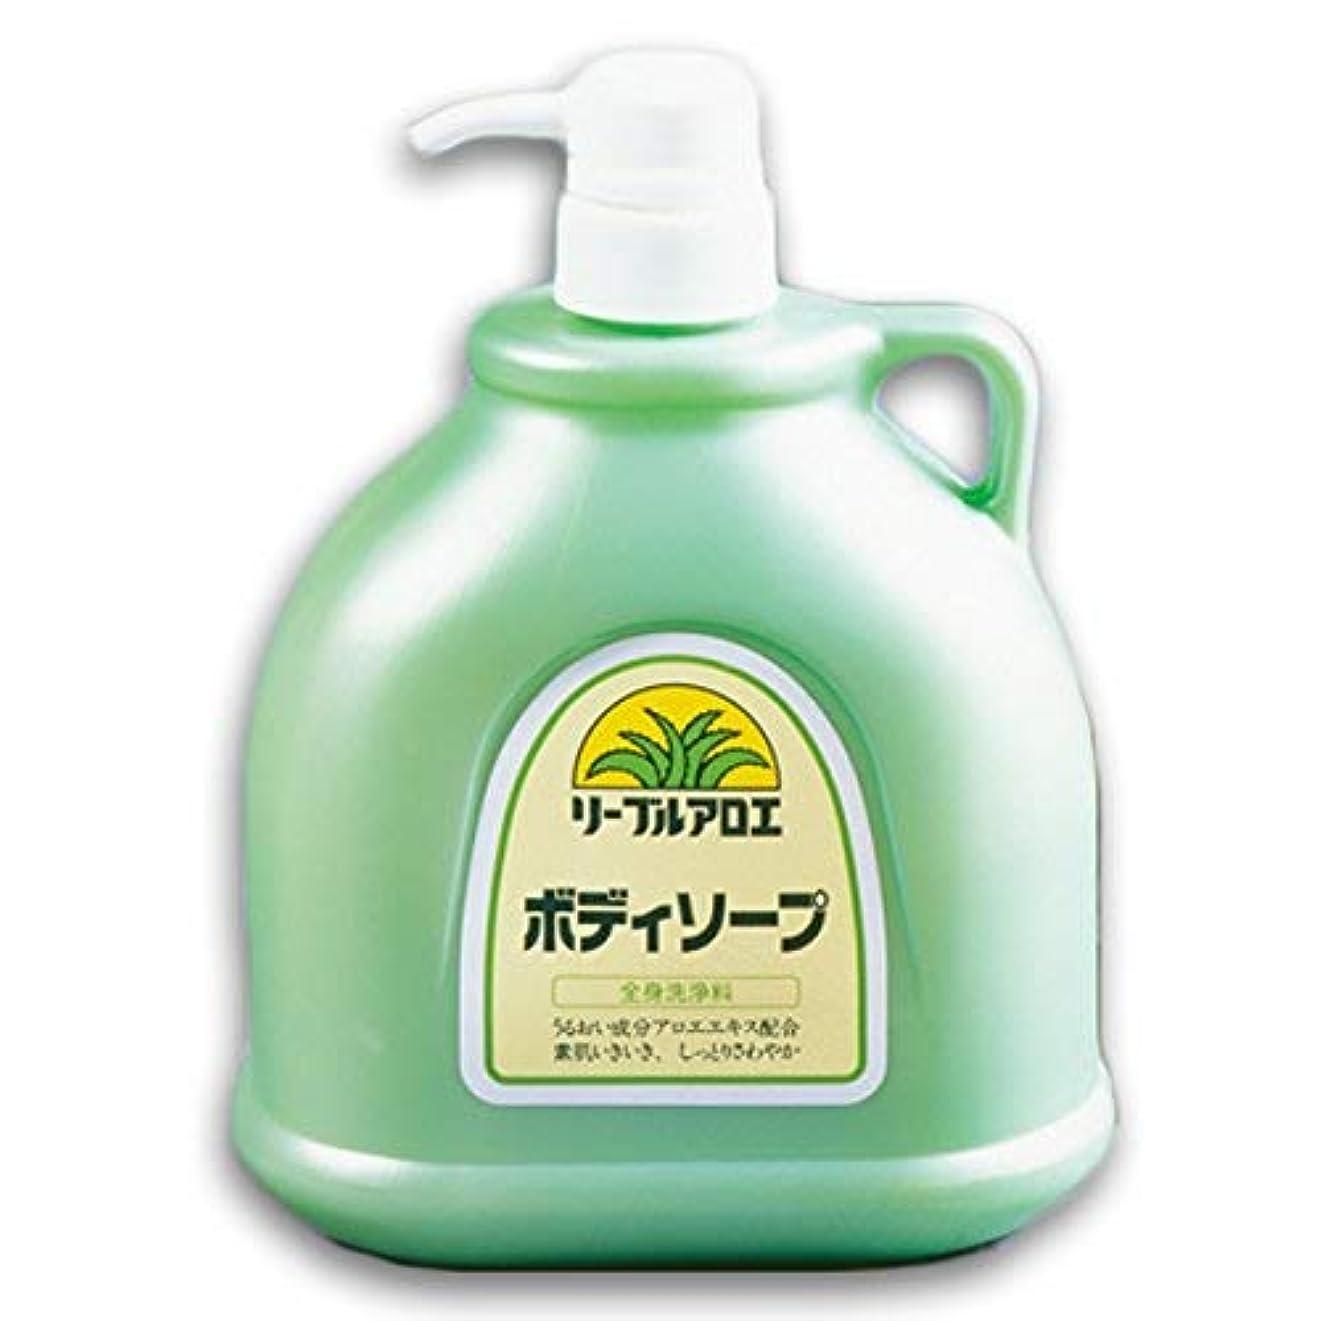 高揚した活性化するプロフェッショナル全身洗浄料リーブルアロエボディーソープ